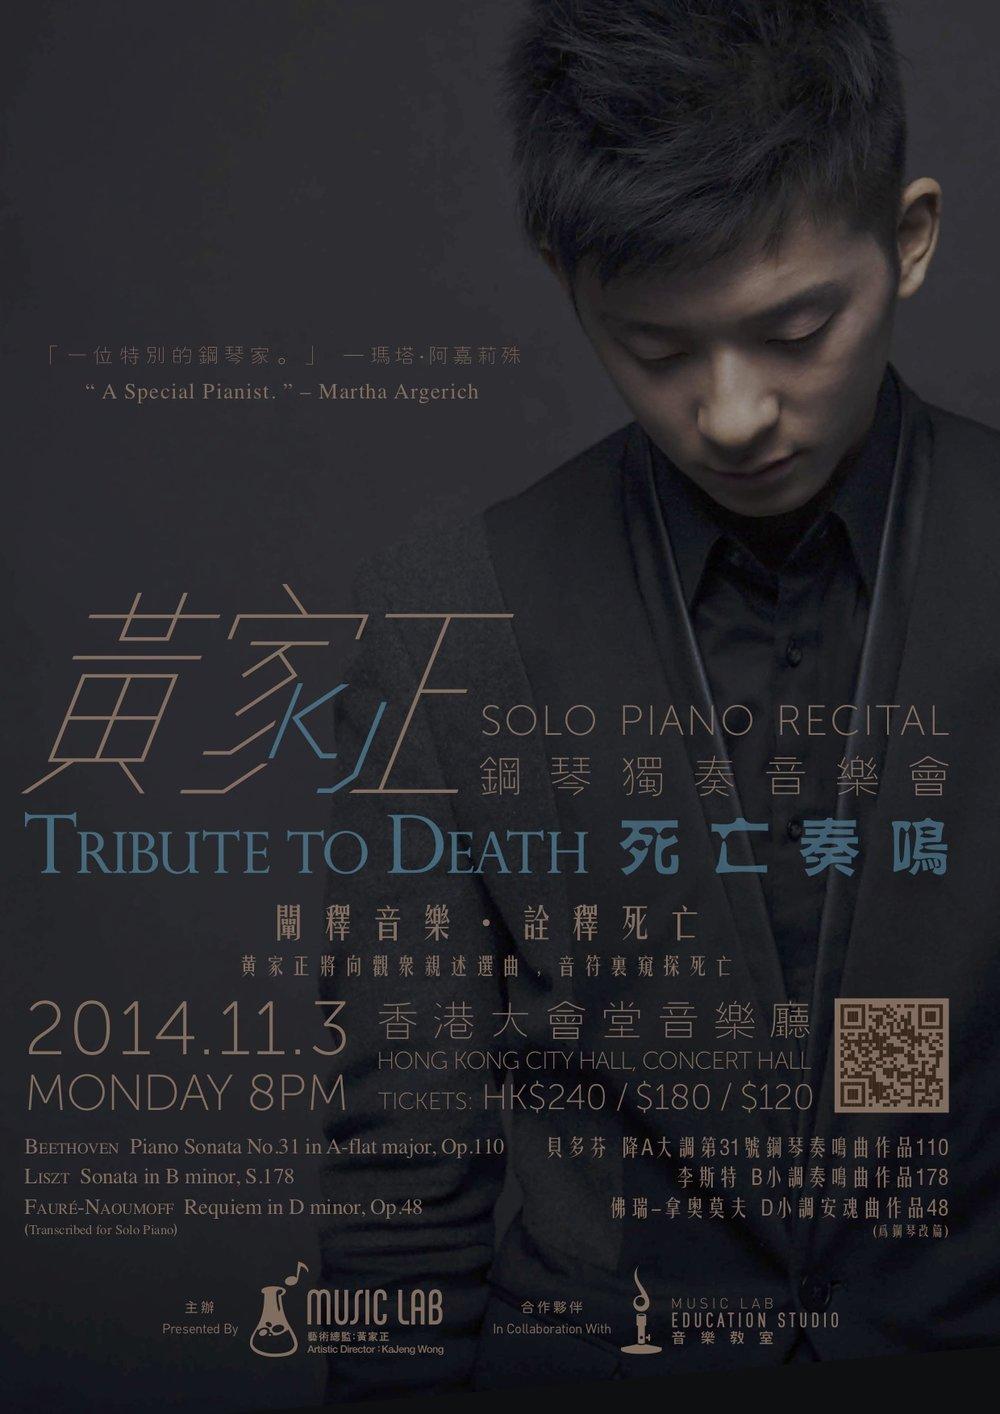 黃家正鋼琴獨奏音樂會:死亡奏鳴 - 死亡近在咫尺,無形、無聲、無息。死亡無可避免,我們生命中的每一天,每一秒都朝死亡邁進。死亡卻是迷人的,因為它已成定局,也因為它充滿神秘。藝術總監黃家正將以「死亡」作命題,分別演奏貝多芬音樂生涯後期的《第31號鋼琴奏鳴曲》、李斯特的人生寫照《B小調奏鳴曲》及為鋼琴改編的佛瑞《安魂曲》三首作品,音樂會亦將打破慣常規,與觀眾現場分享生死哲學與選曲理念,與聽眾探討死亡如何成為作曲家晚期創作的催化劑,從音樂窺探死亡奧秘。節目降A大調第31號鋼琴奏鳴曲作品110 – 貝多芬B小調奏鳴曲作品178 – 李斯特D小調安魂曲作品48 (為鋼琴改篇) – 佛瑞-拿奥莫夫